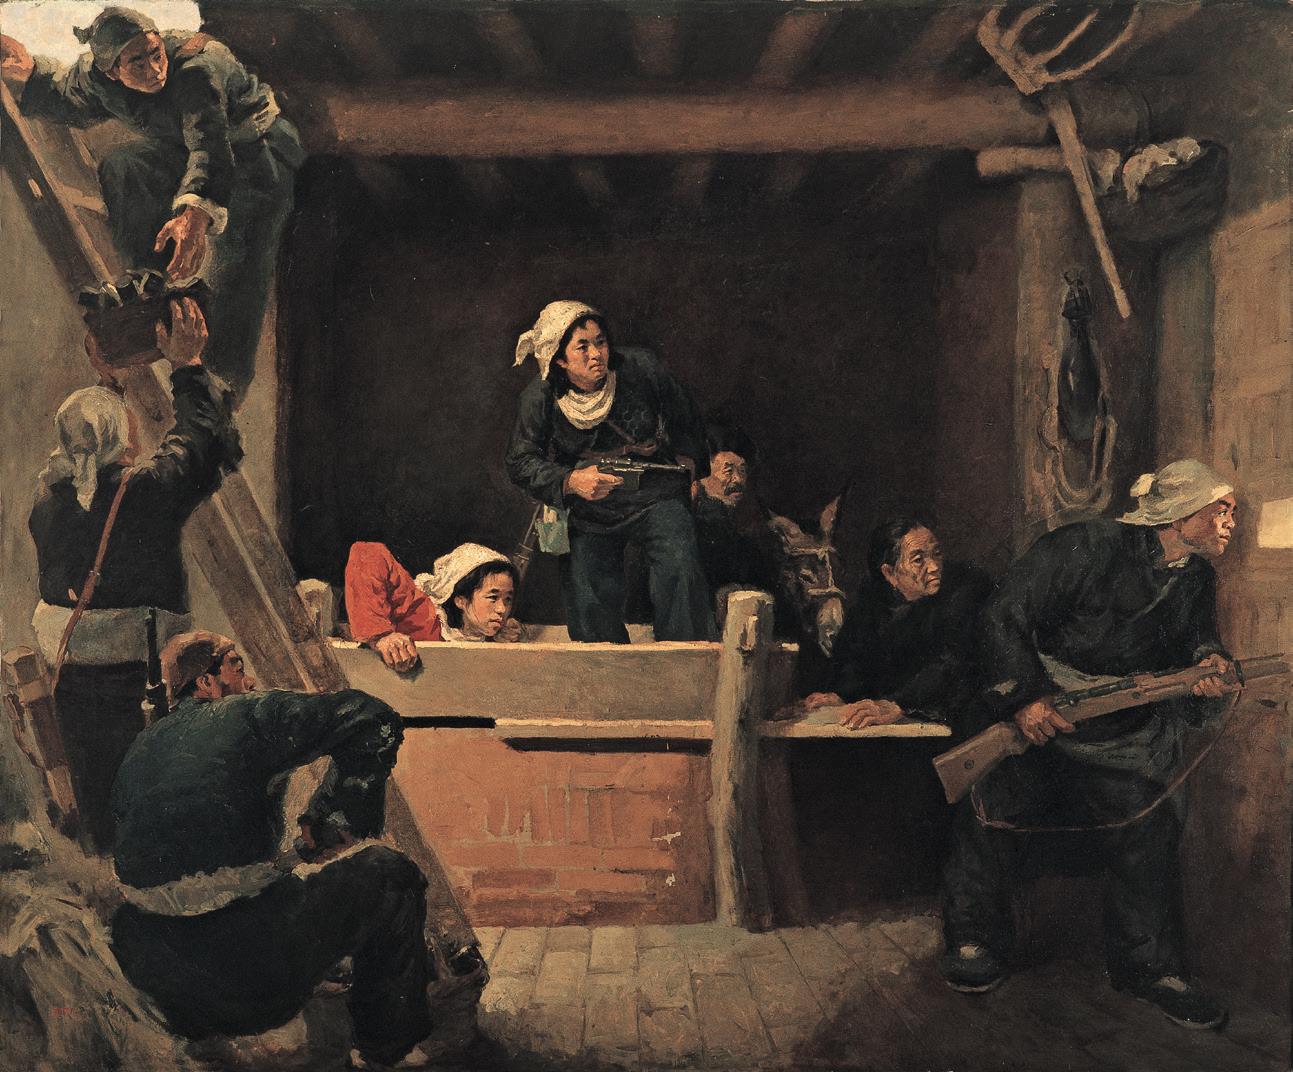 罗工柳《地道战》油画 144x169cm 1951年 中国国家博物馆藏